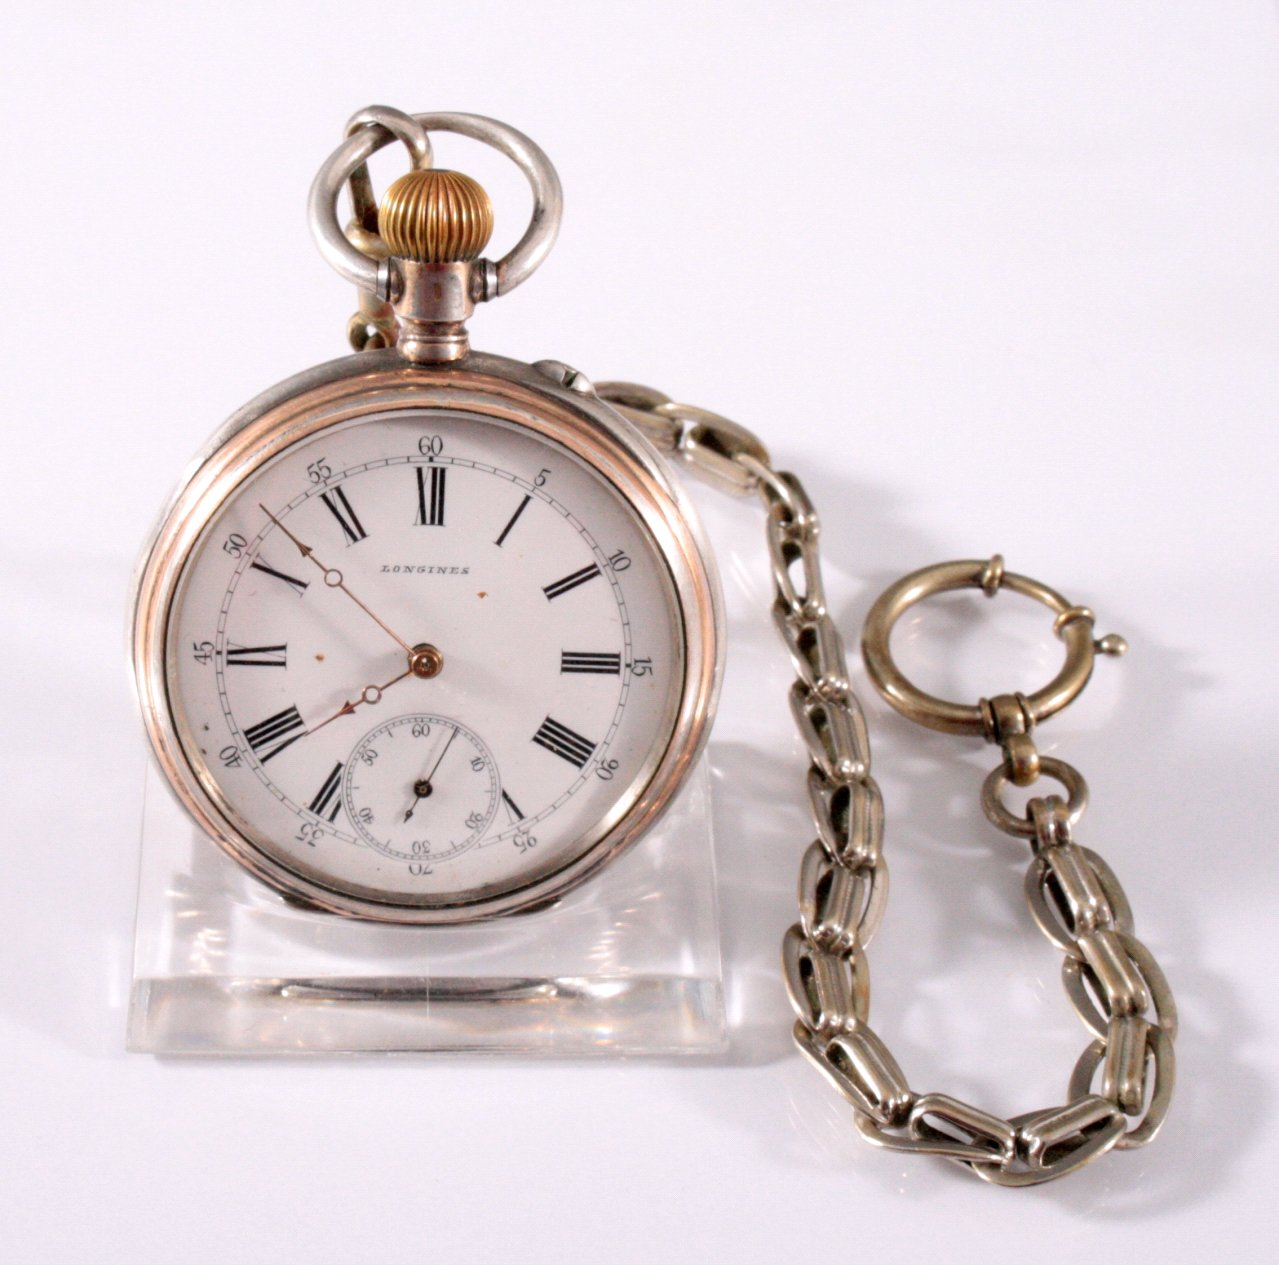 Silberne Herrentaschenuhr der Marke Longines um 1900